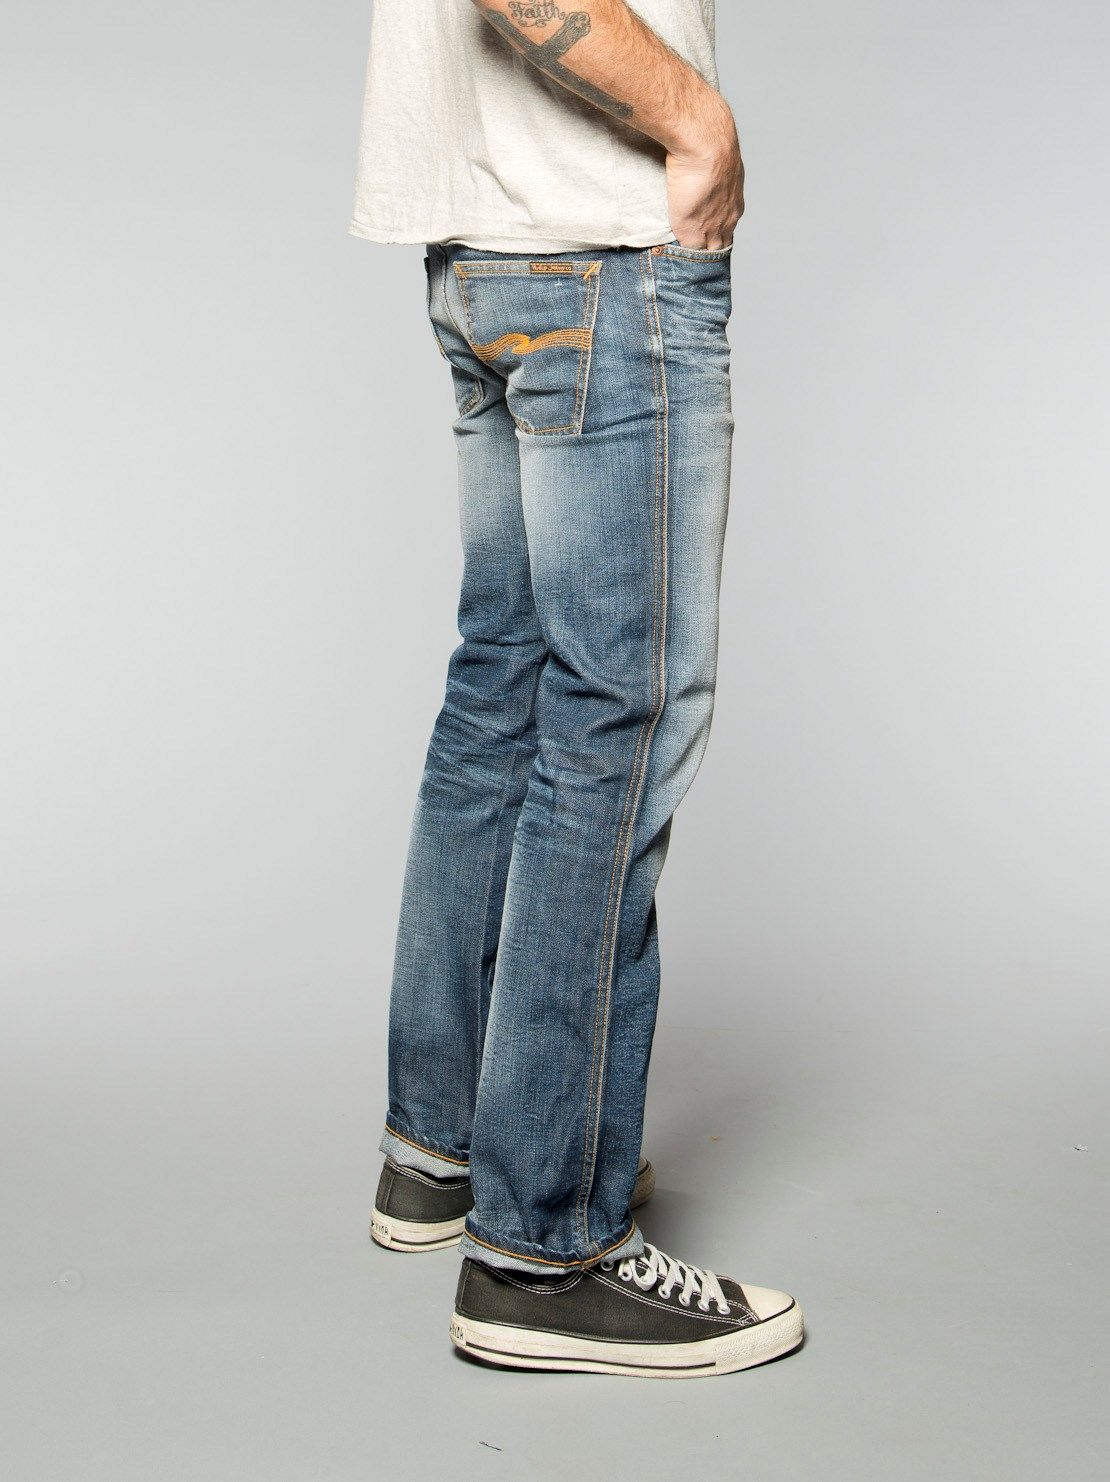 3547dc03e9a68 Slim Jim Organic Martin Replica - Nudie Jeans Co Online Shop   Just ...